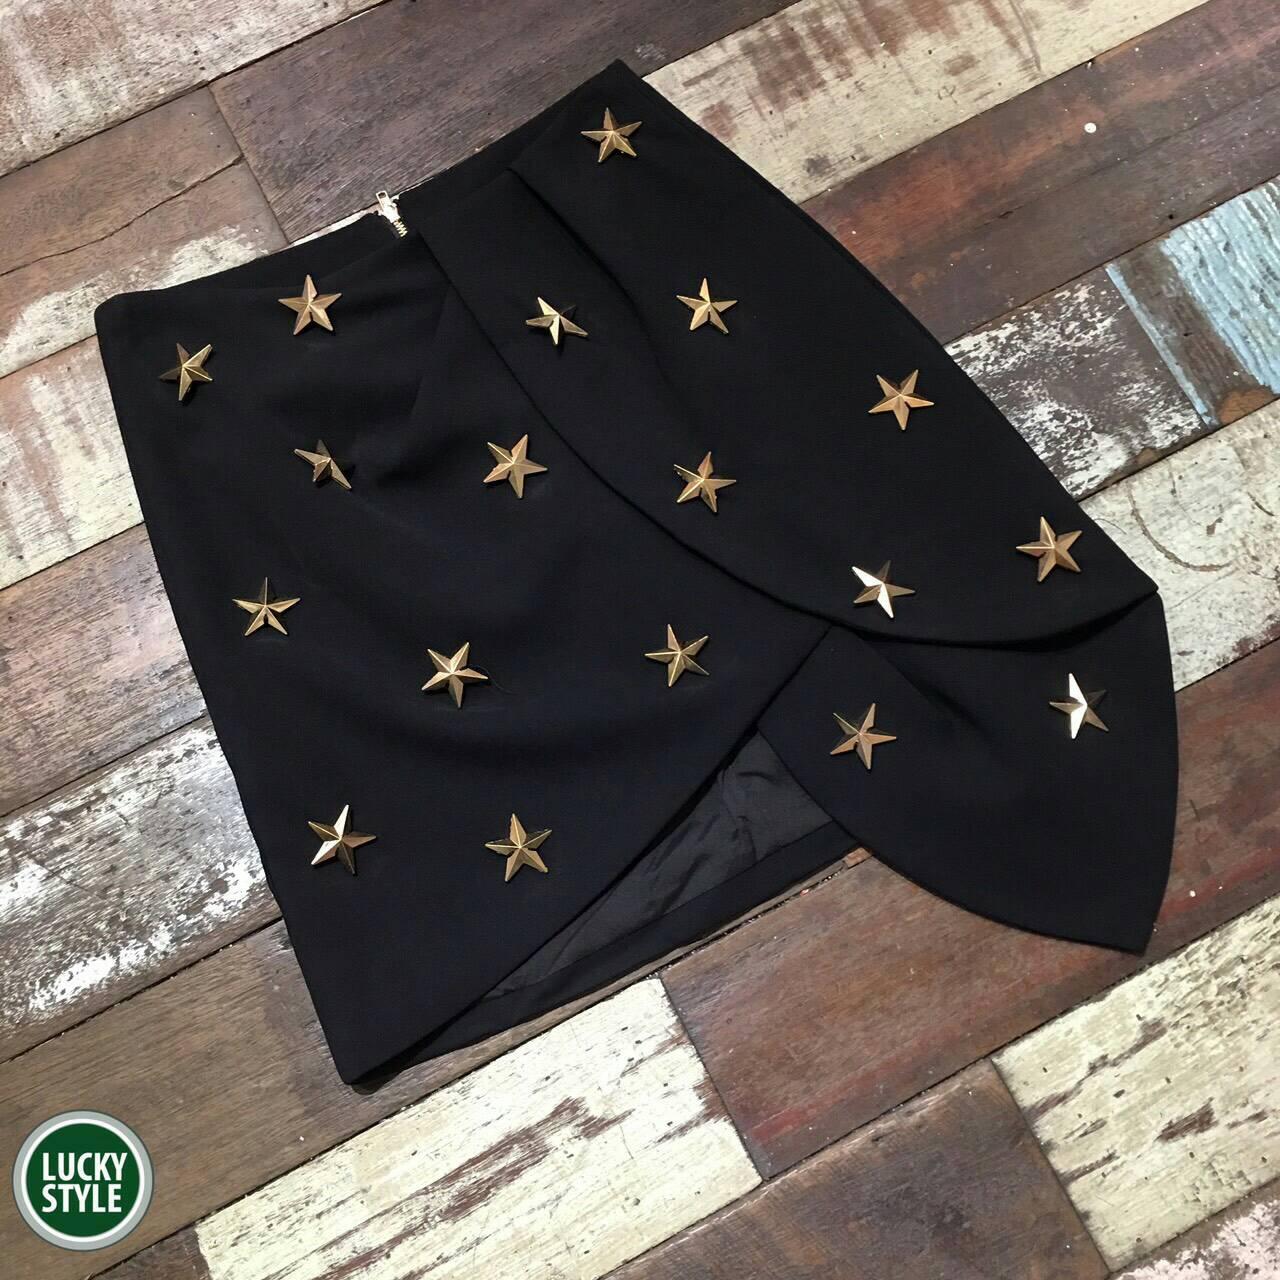 *กระโปรง Mini Skirt ติดอะไหล่ดาวสีทอง ⭐️